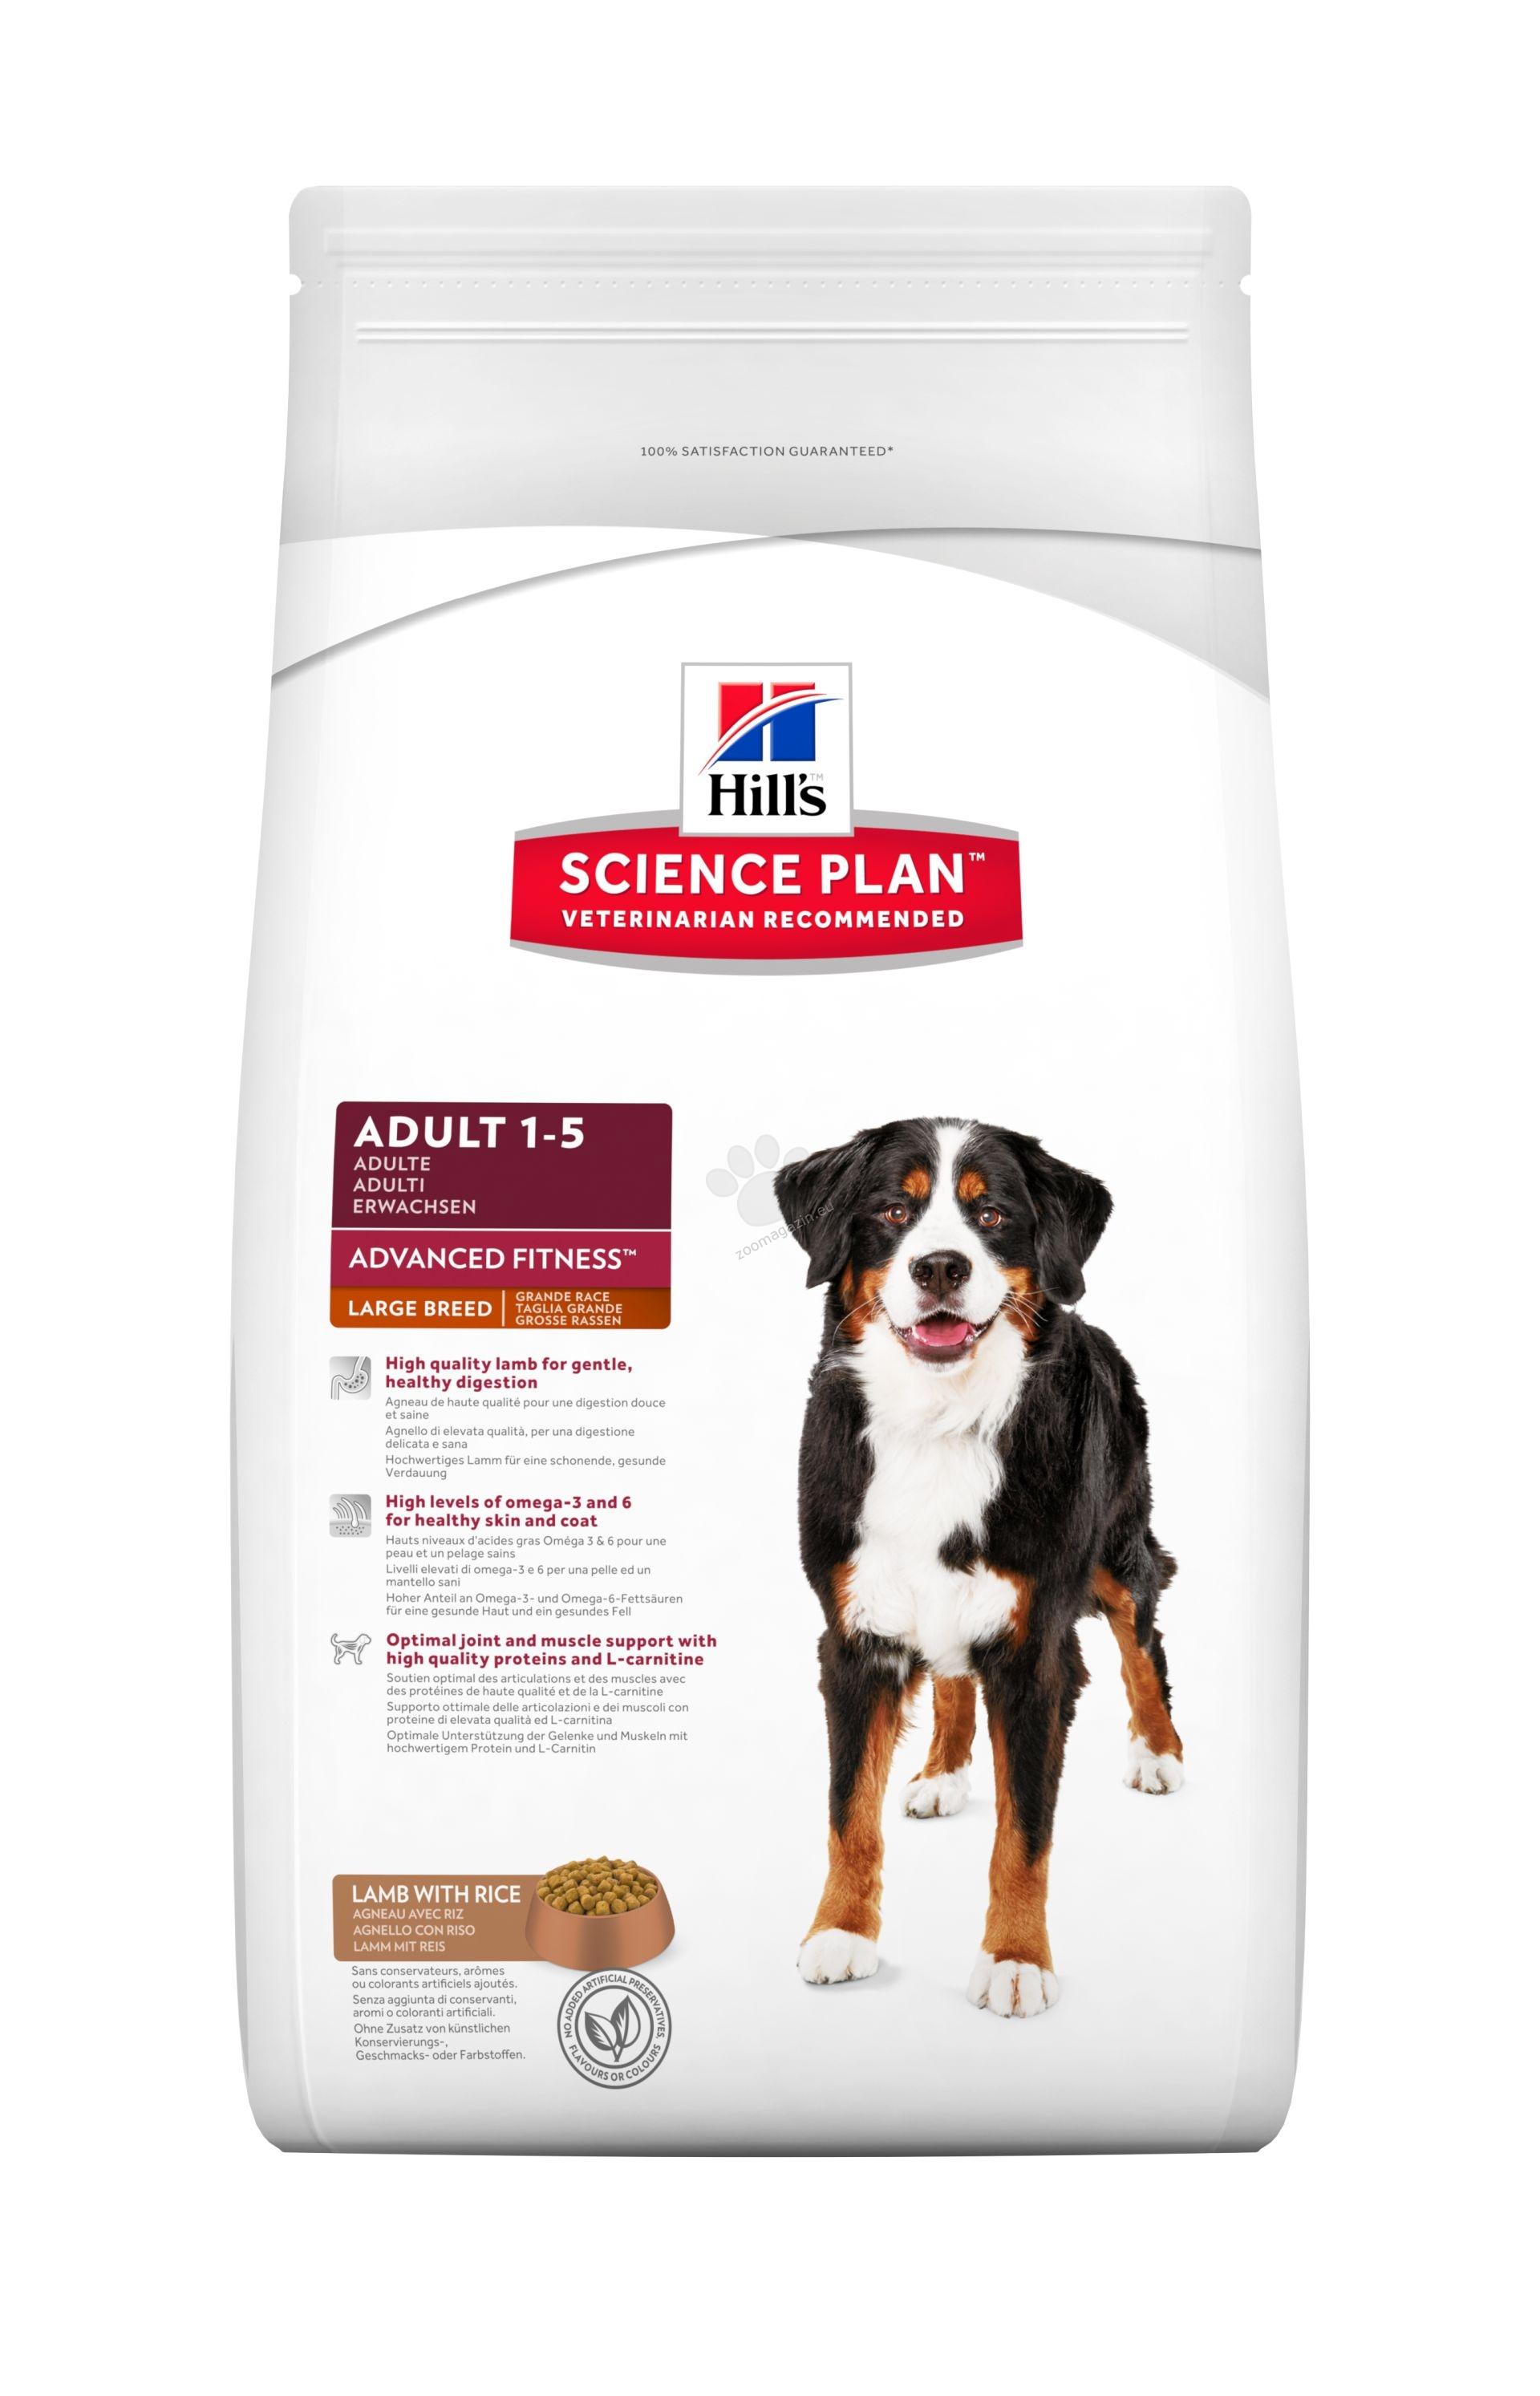 Hills Science Plan Canine Adult Advanced Fitness Large Breed Lamb & Rice - Агнешко&oриз - Кучета от едри породи над 25 кг с умерени енергийни нужди на възраст от 1 до 7 години 3 кг.